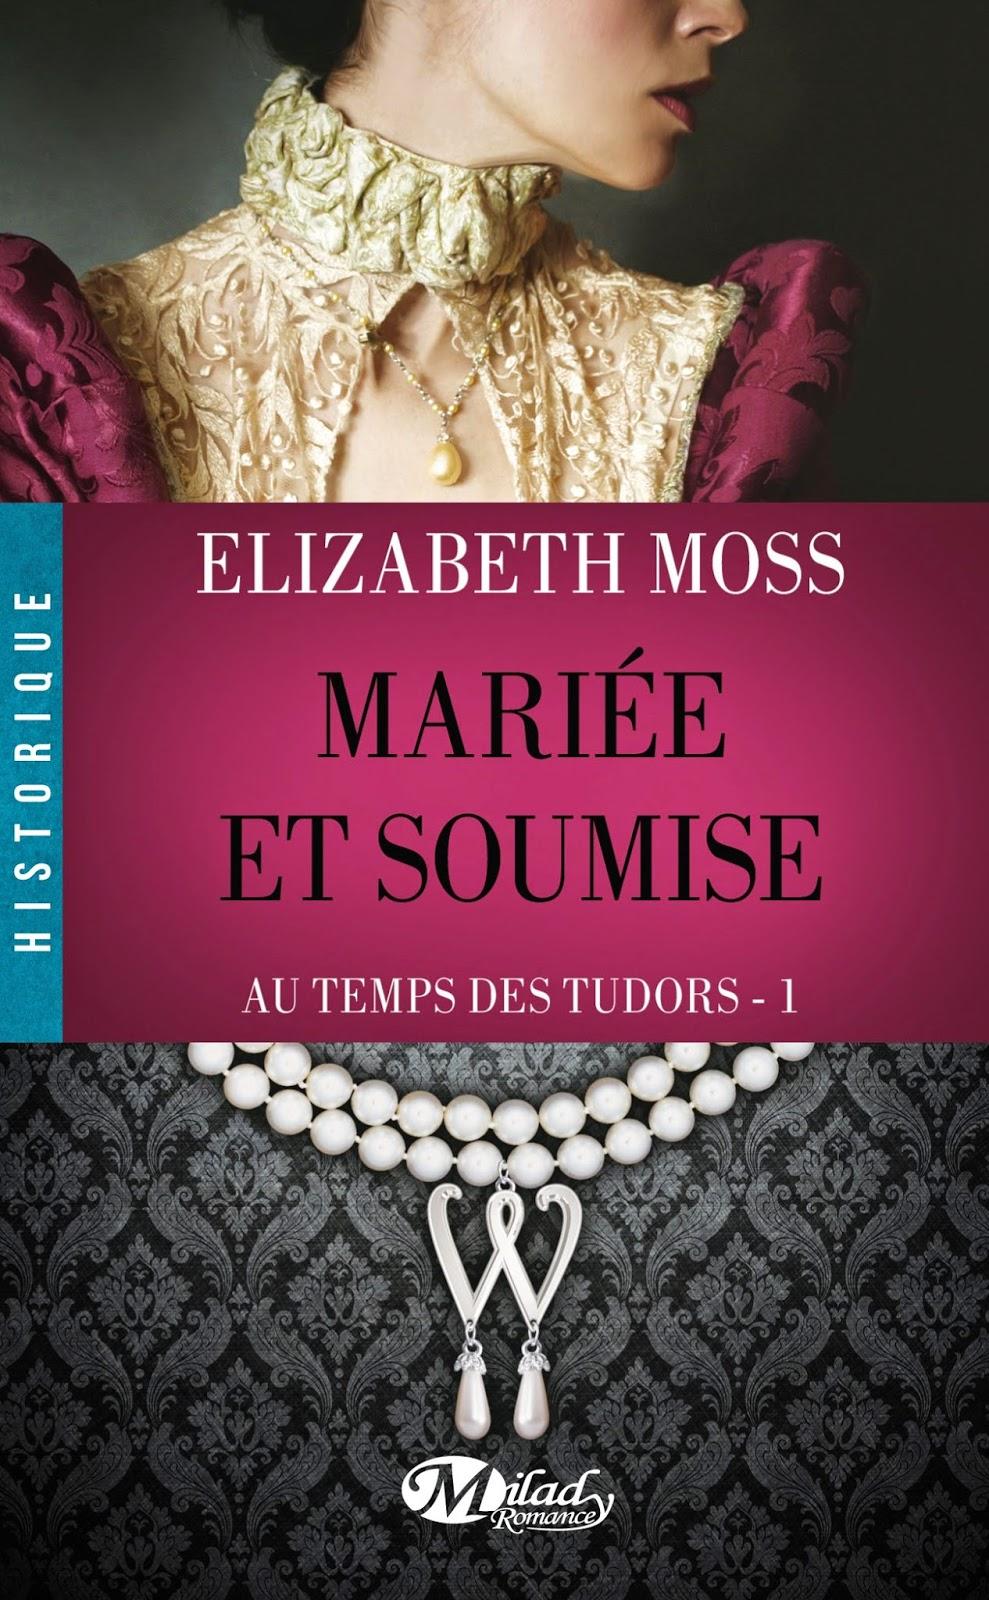 http://lachroniquedespassions.blogspot.fr/2014/10/au-temps-des-tudors-tome-1-mariee-et.html